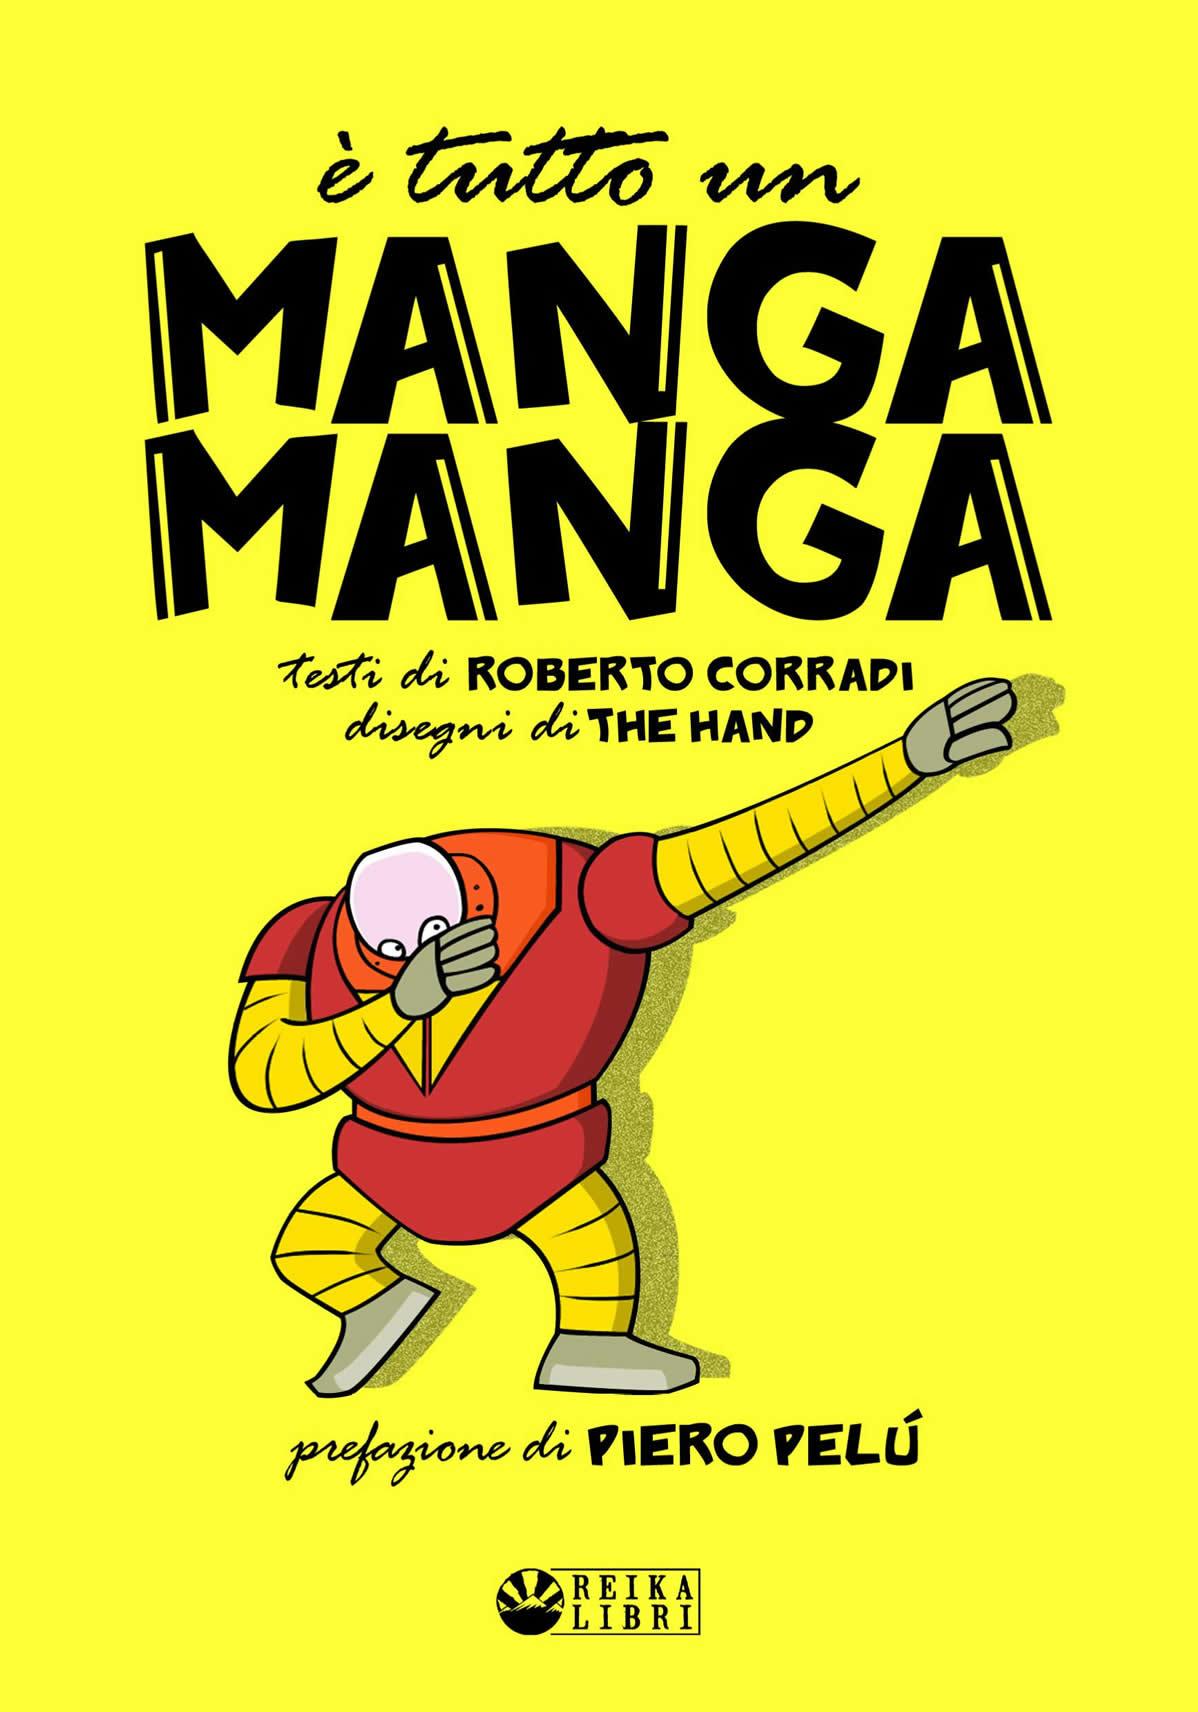 manga-manga-1